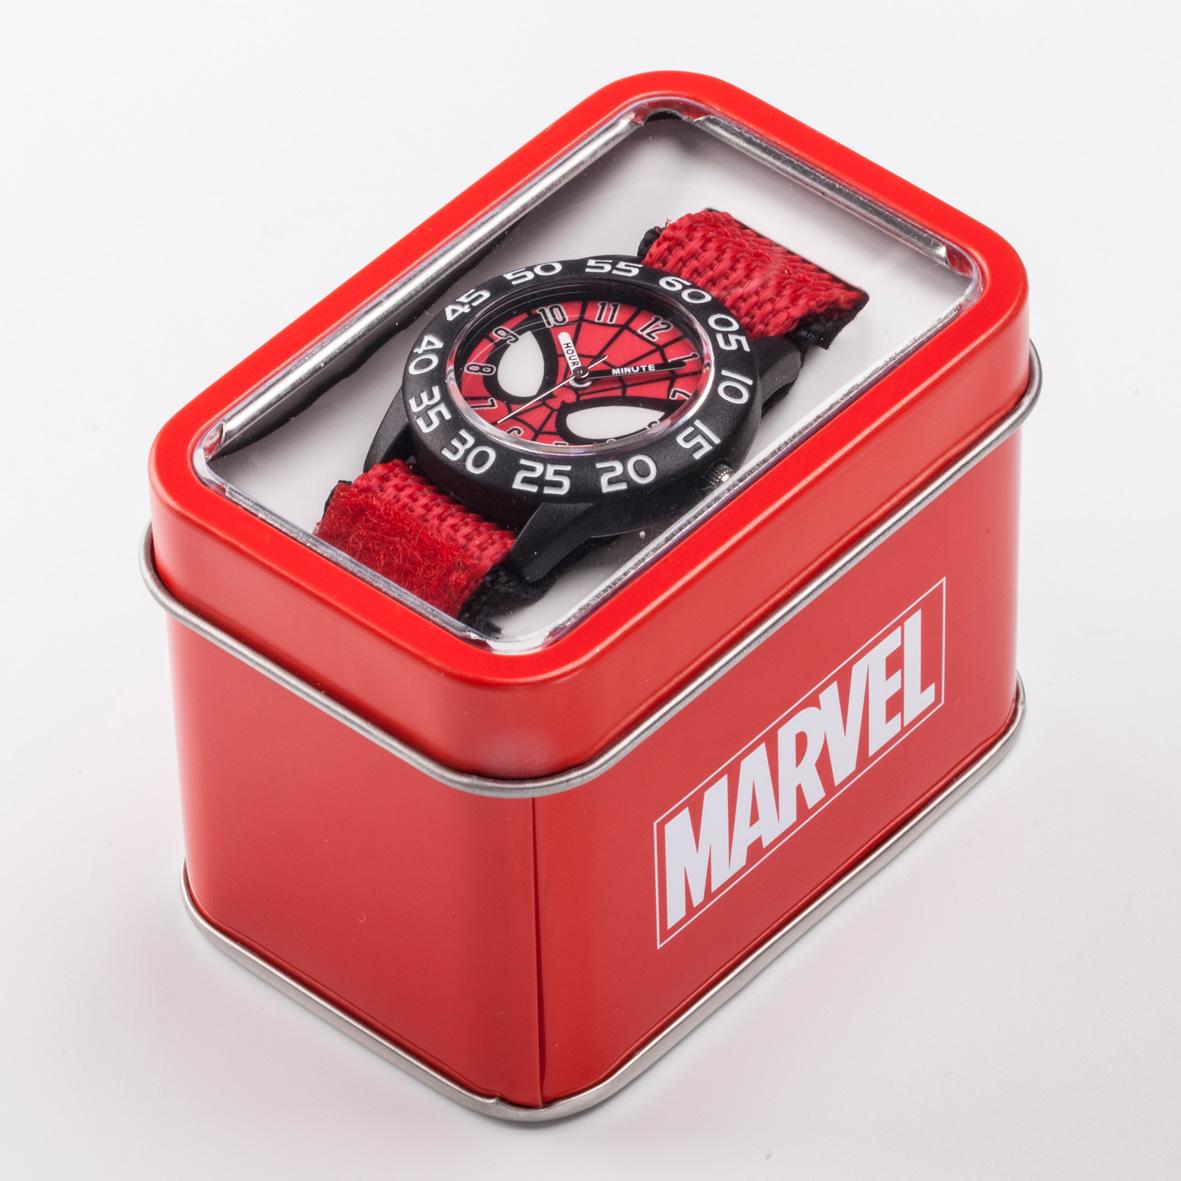 DIW003252-packaging_disney-marvel_watches.jpg